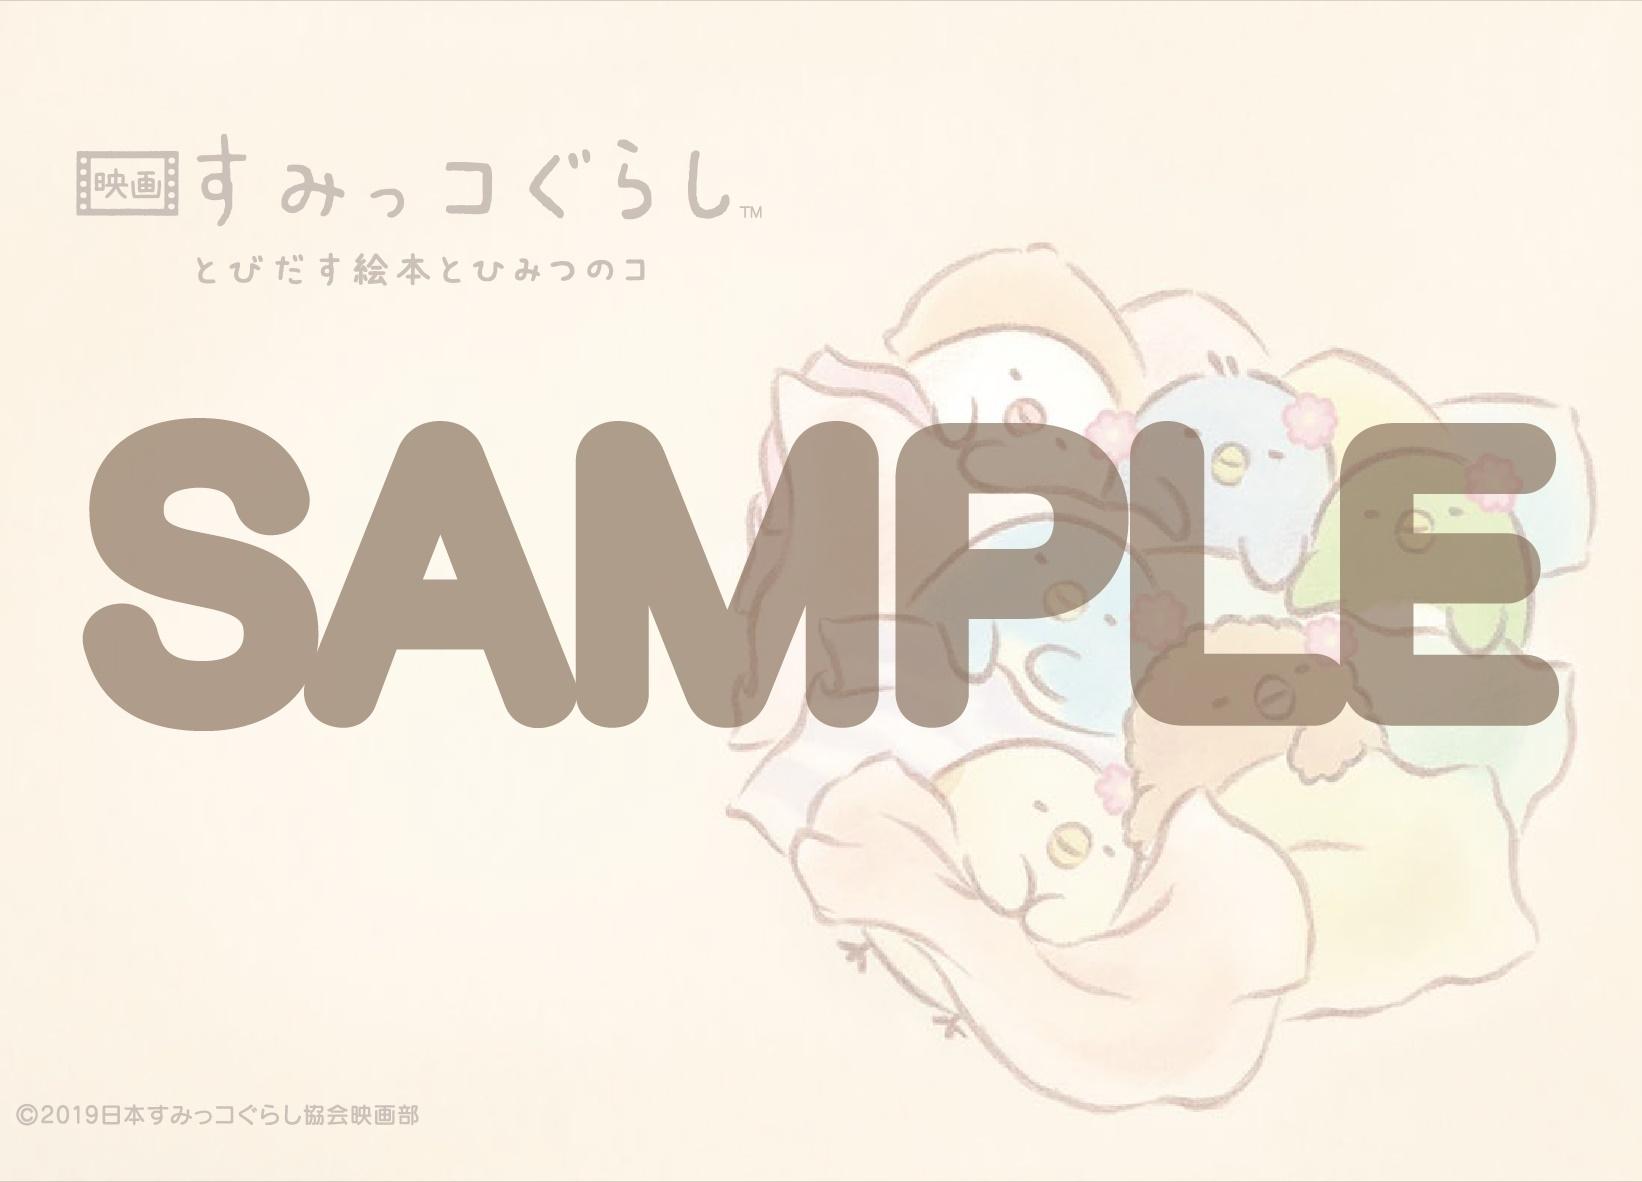 『映画 すみっコぐらし』2週連続邦画No.1を記録!入場者プレゼント第4弾決定